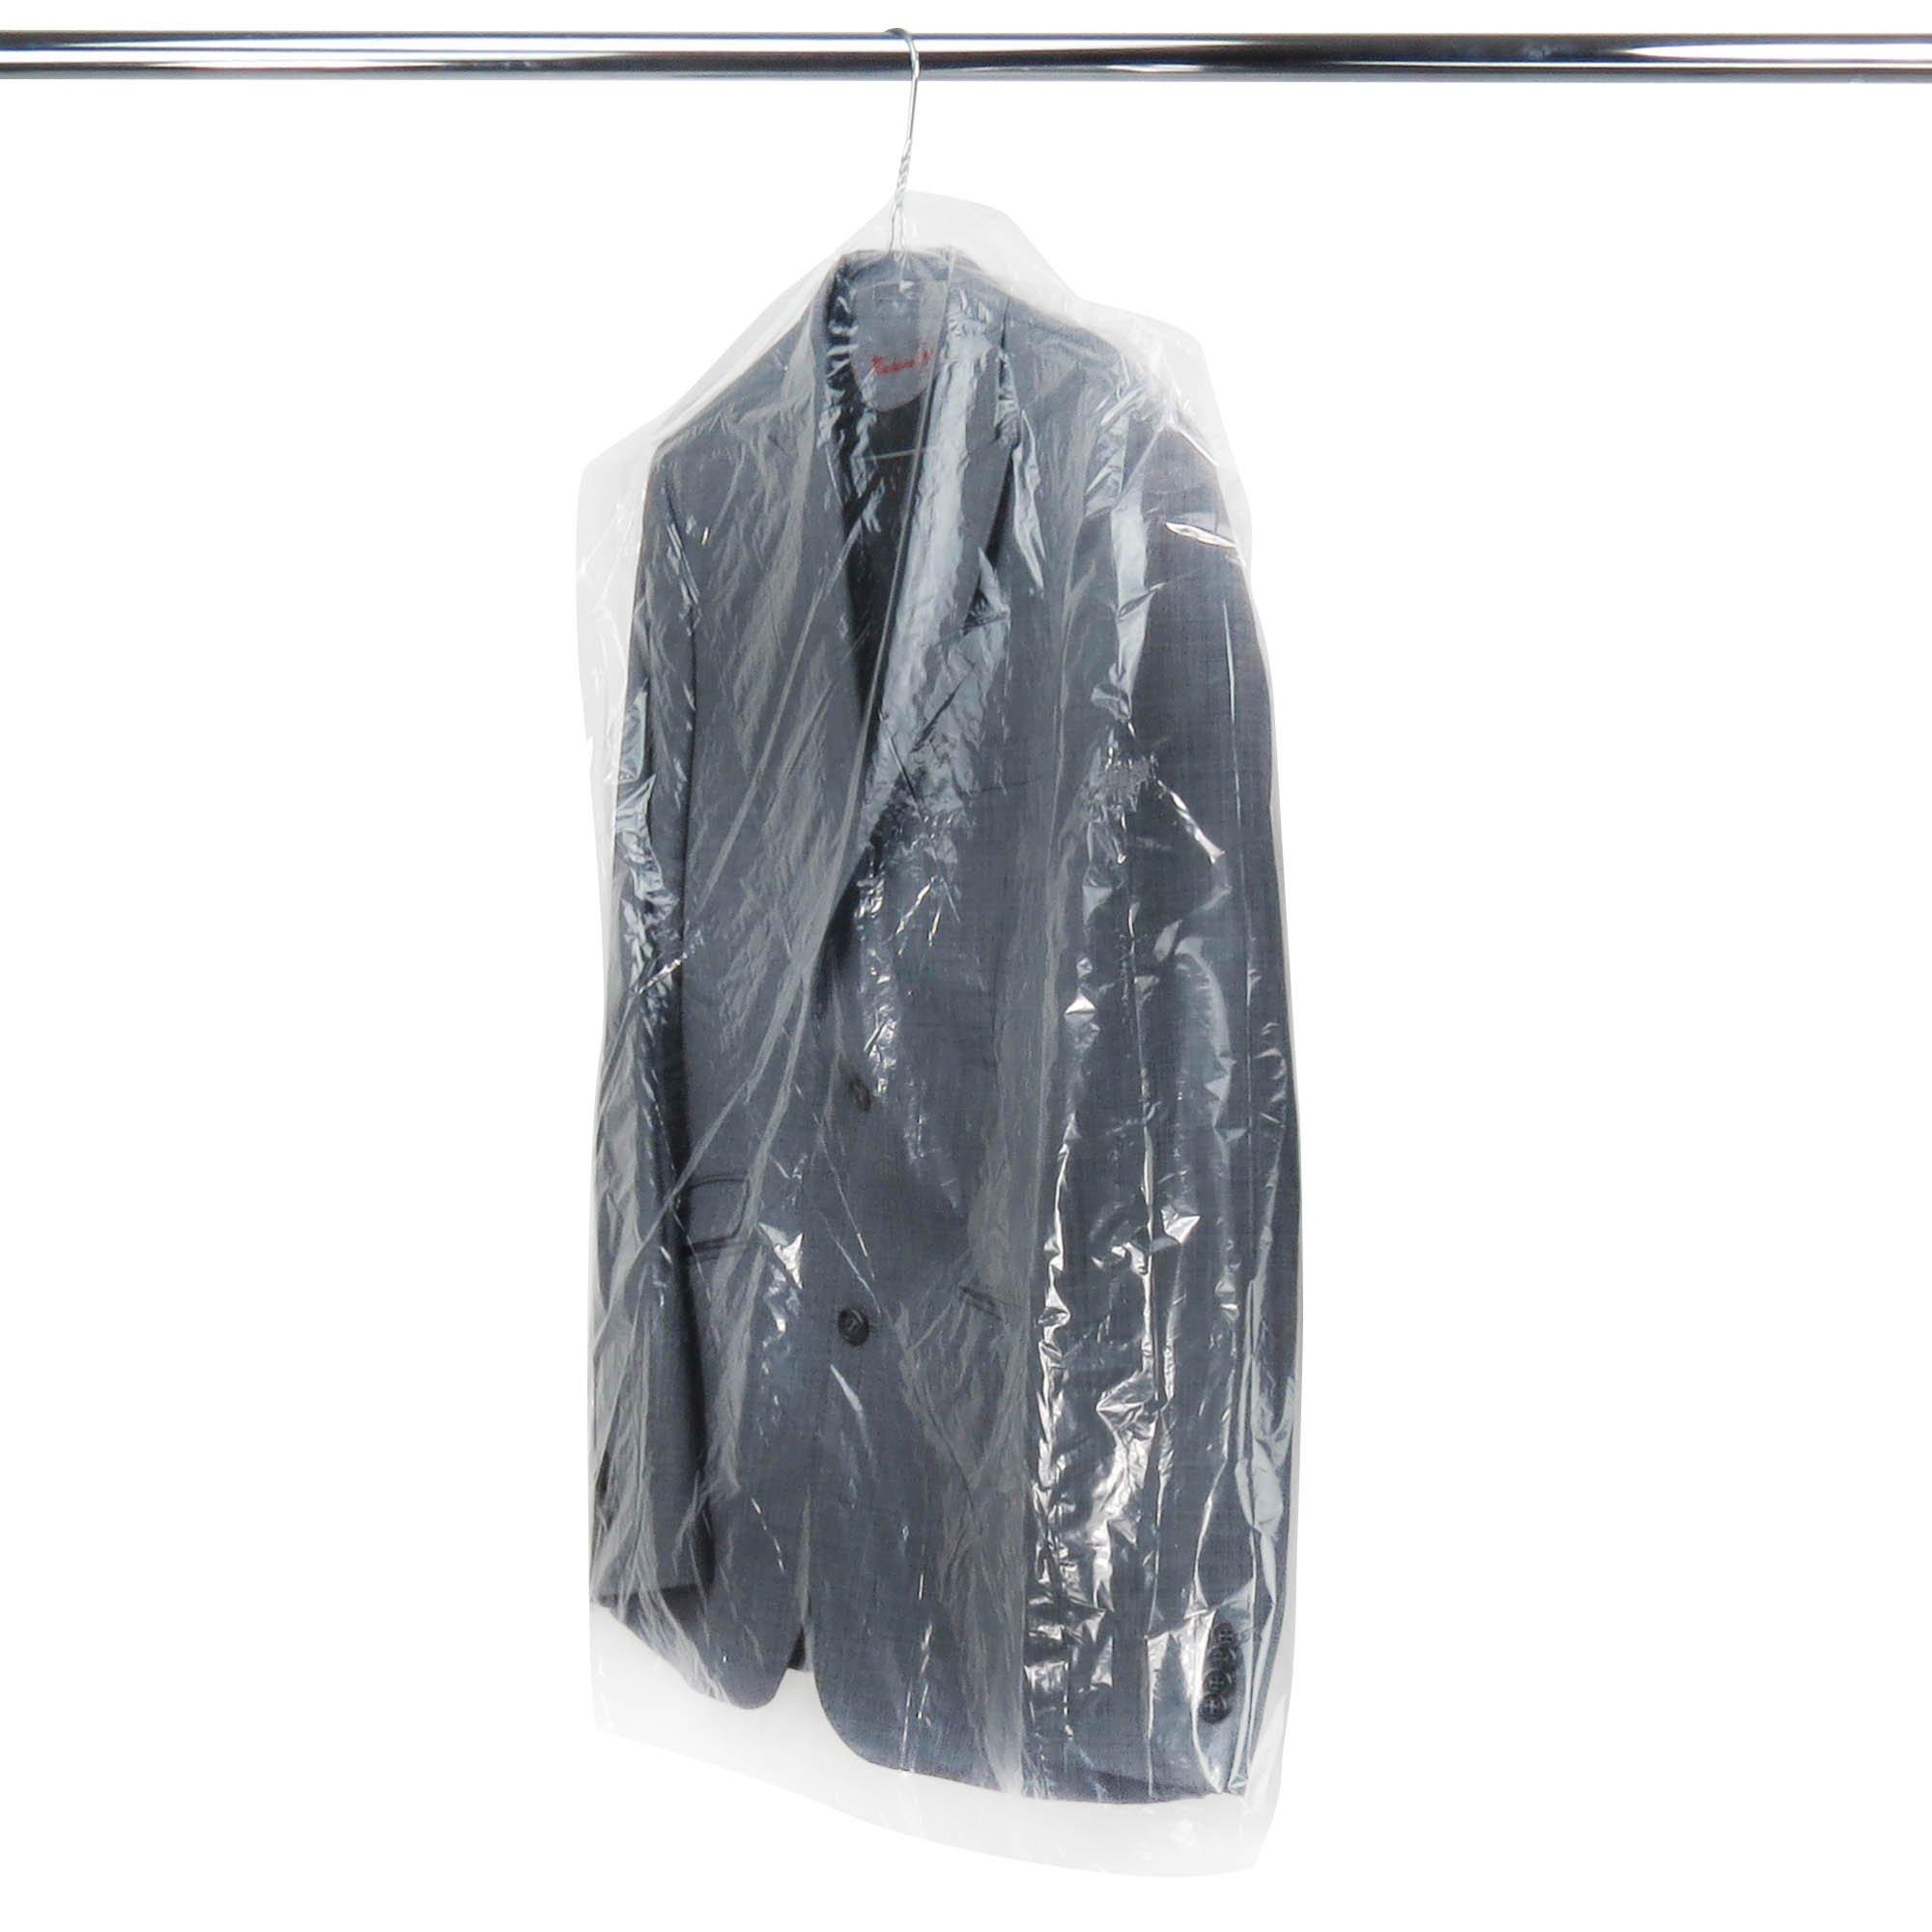 Hangerworld - Fundas Cubre Ropa Protectoras De Plástico Transparente, Especial Tintorerías, 100 cm,